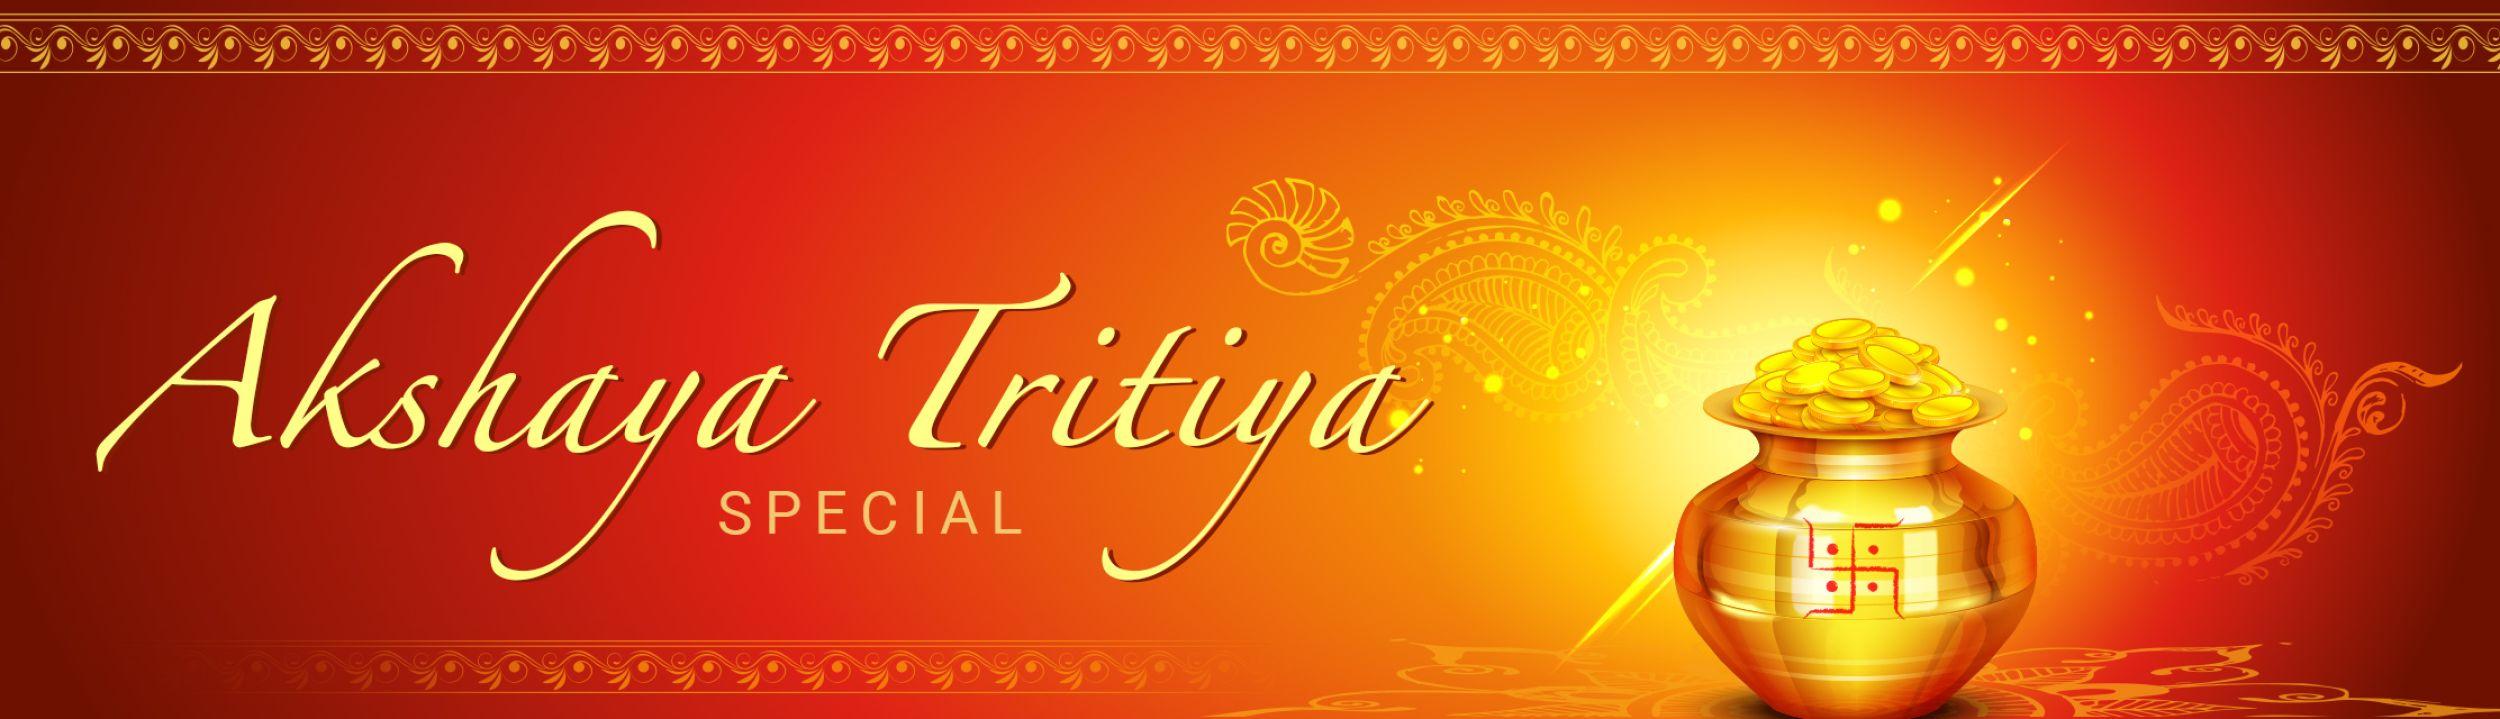 Akshaya Tritiya Akshaya Tritiya